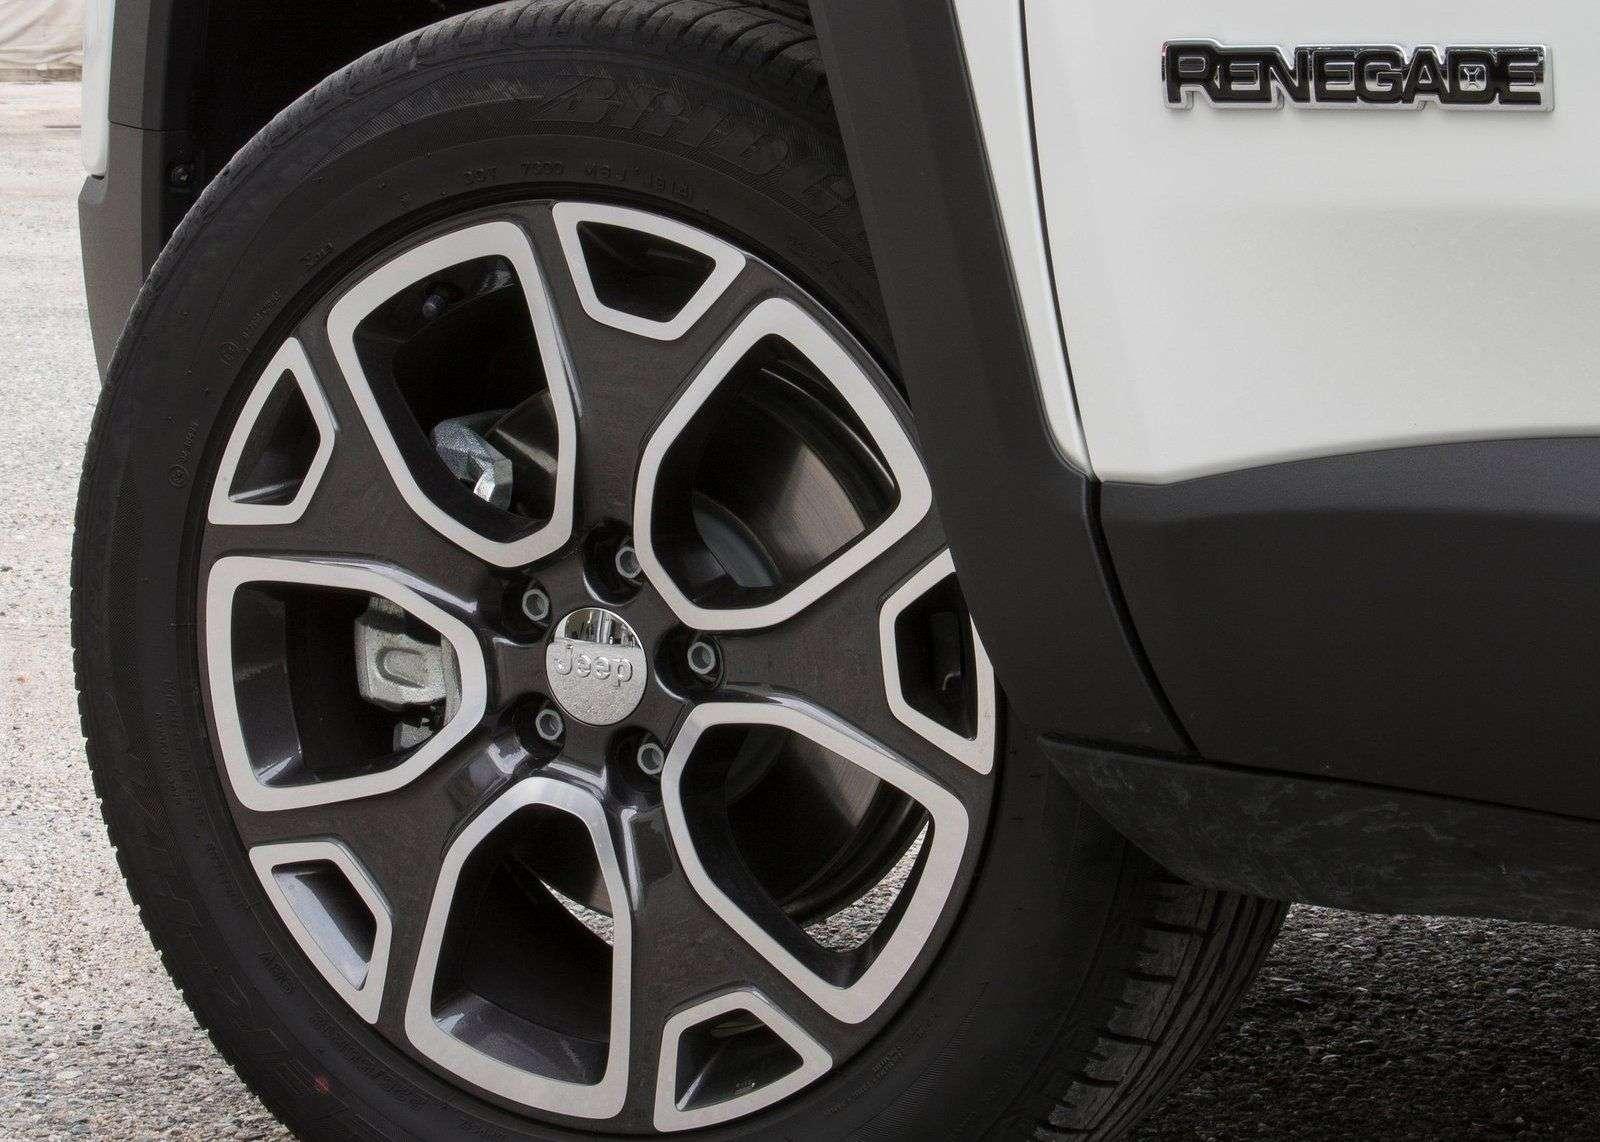 Видео-обзор внедорожника Jeep Renegade 2017!